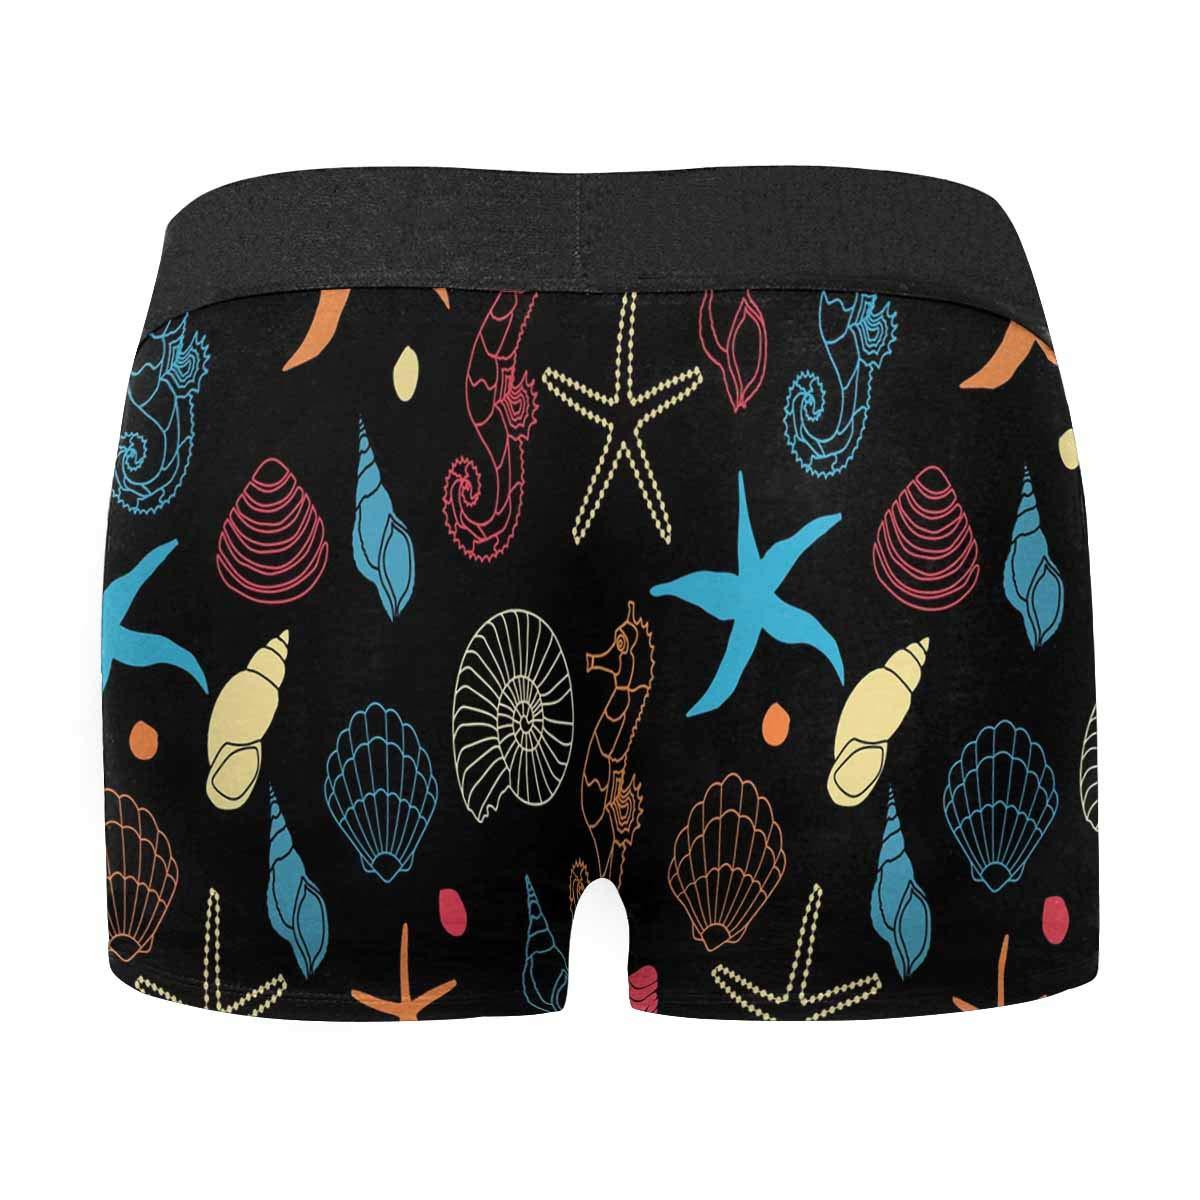 INTERESTPRINT Boxer Briefs Mens Underwear Cute Starfish and Hippocampus M